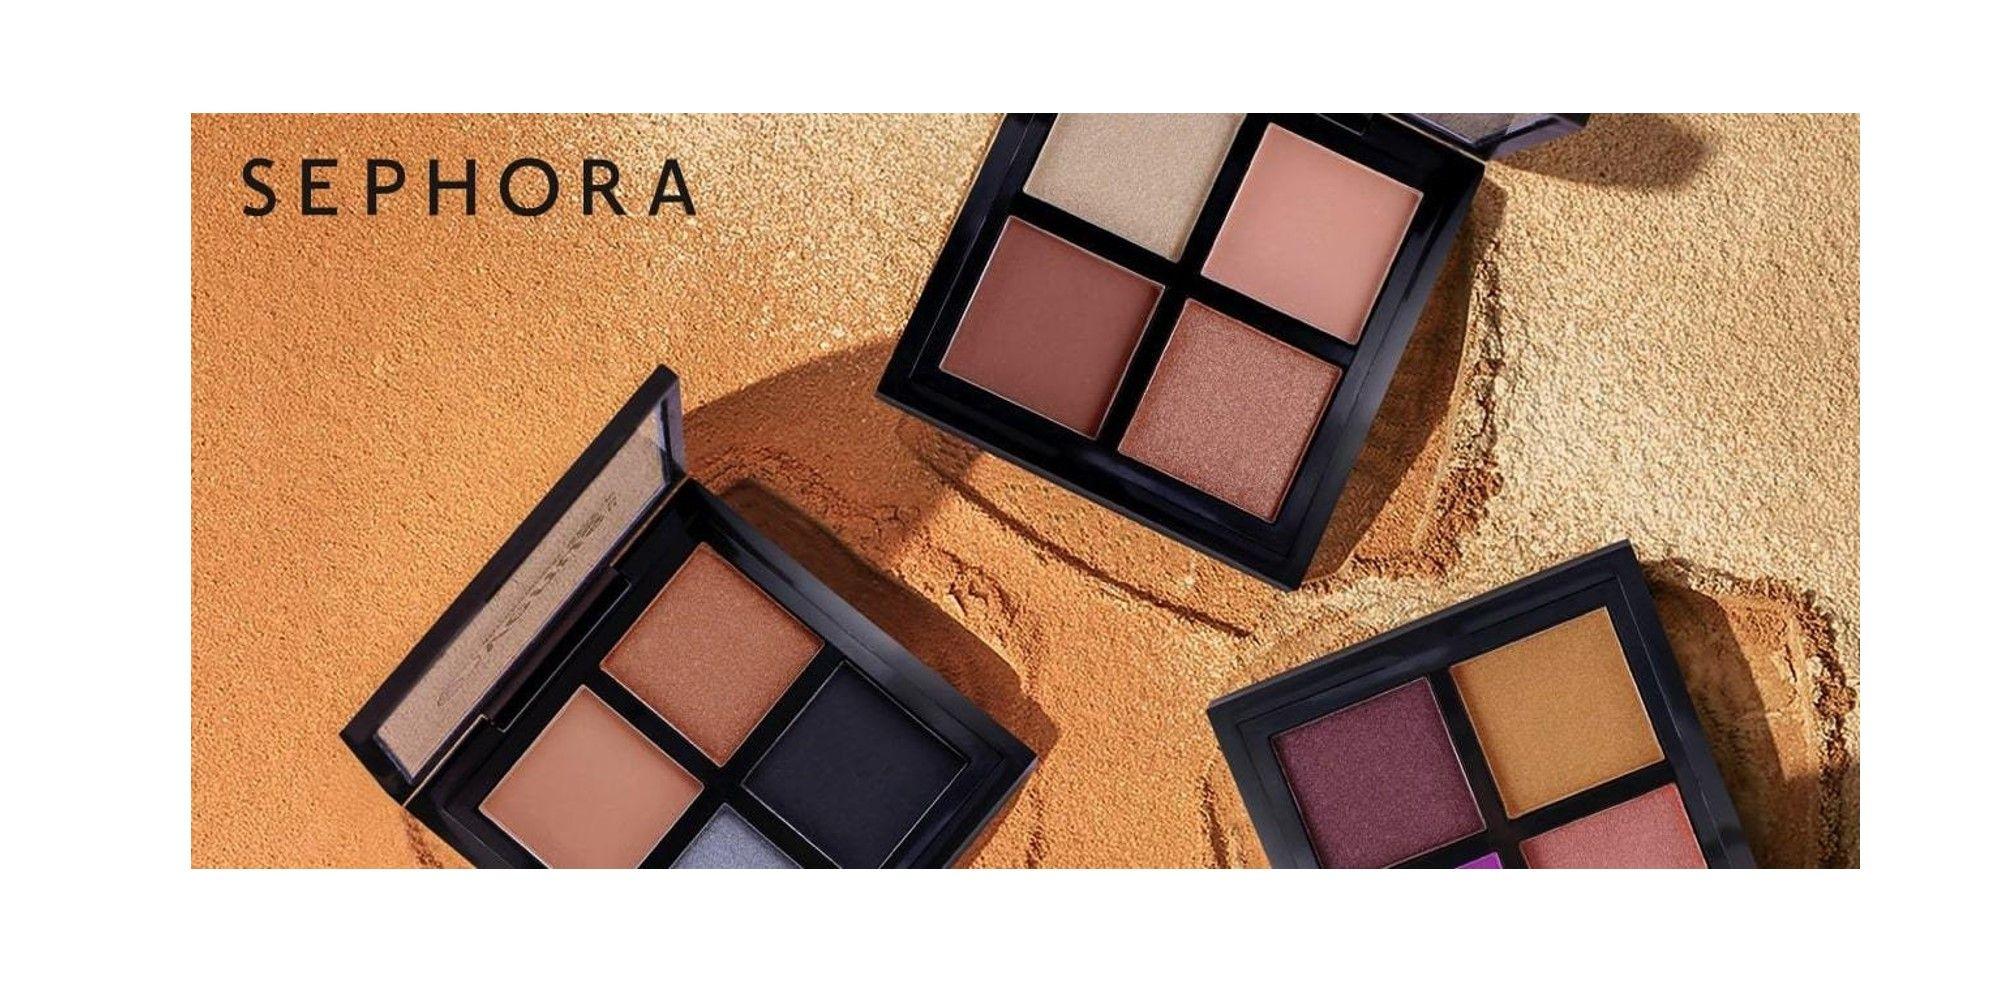 SOLDES Sephora 2020: toutes les offres du moment